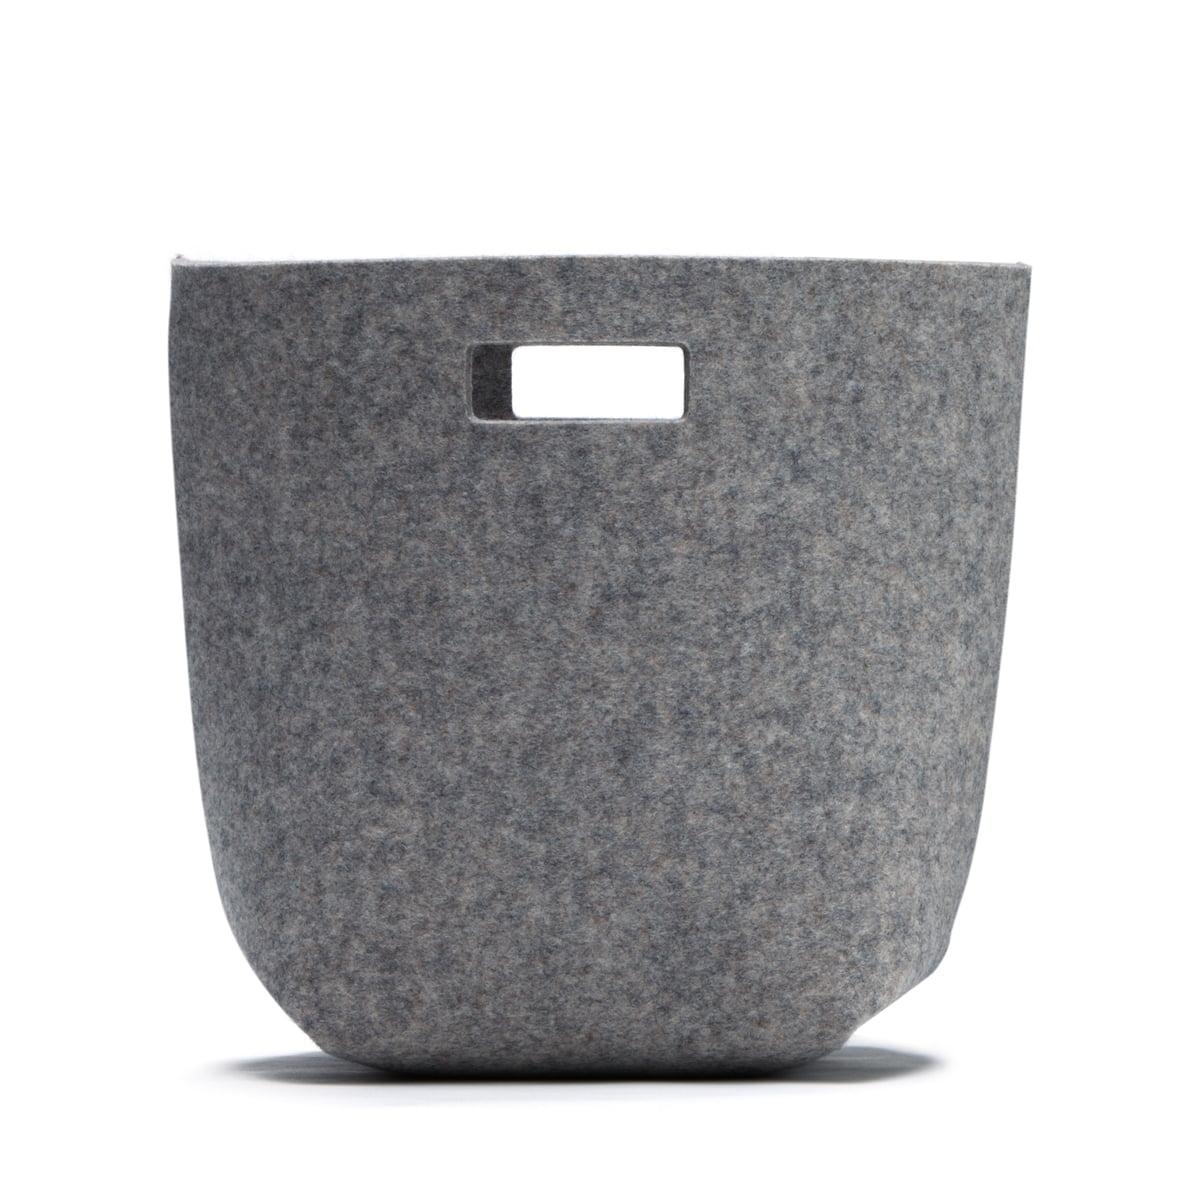 Connox Wohndesign: Papierkorb Von Hey Sign Im Wohndesign-Shop